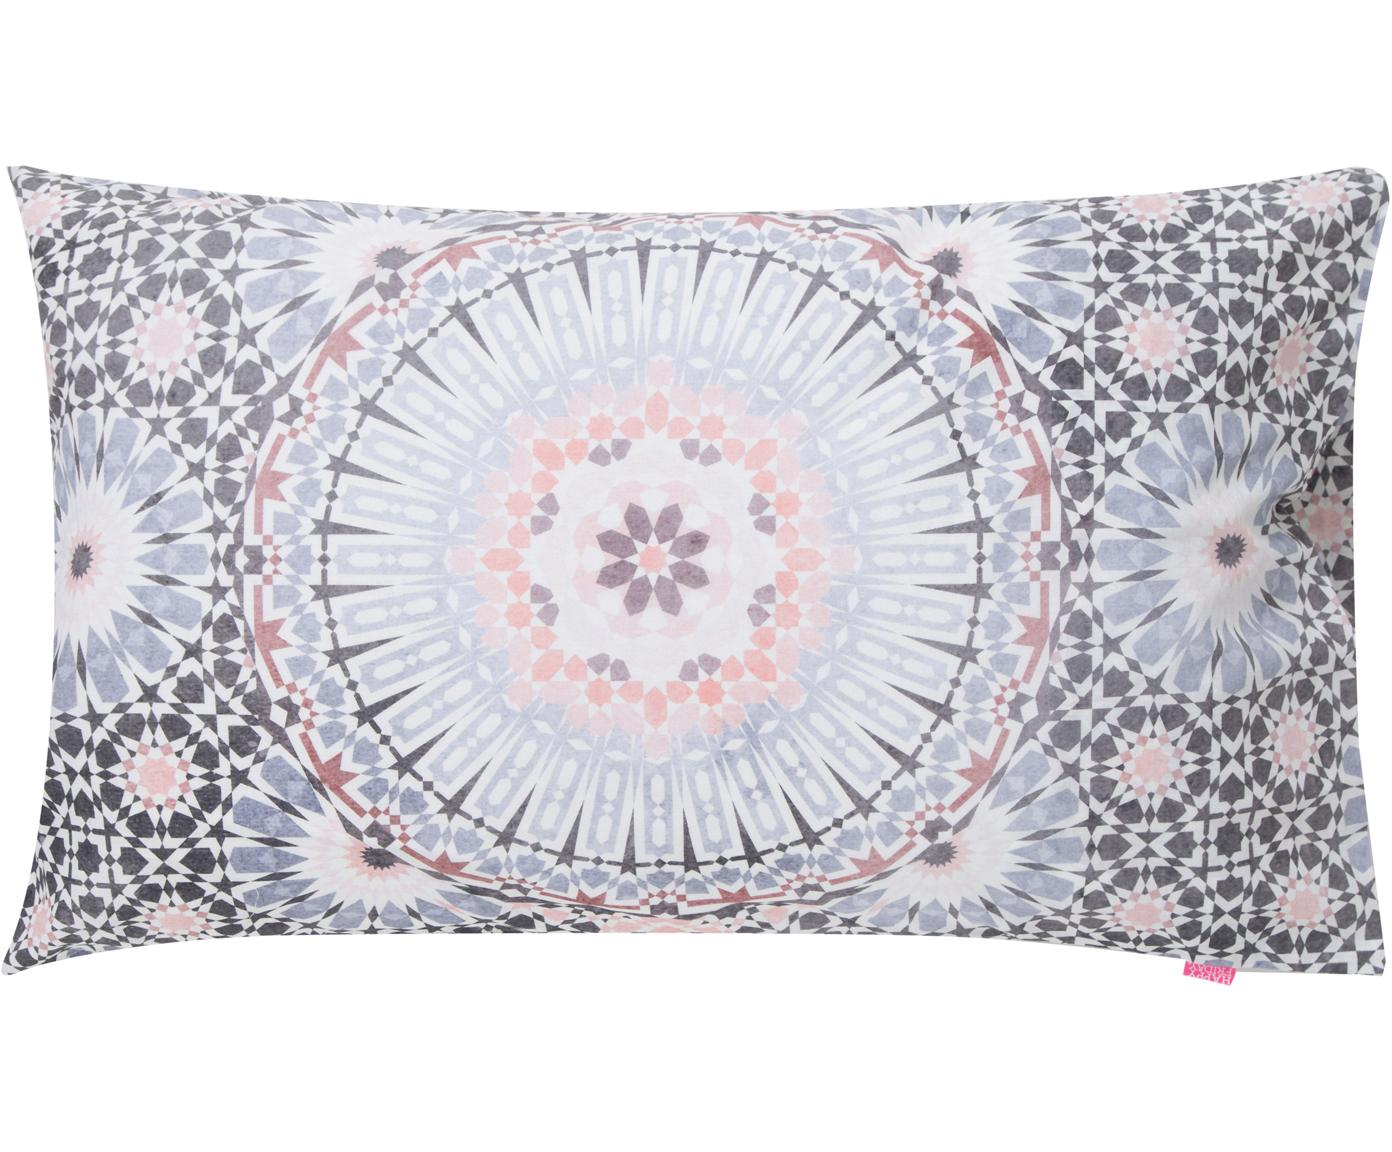 Fundas de almohada Bohemia, 2uds., Algodón, Blanco, tonos azules y rosas, An 50 x L 75 cm